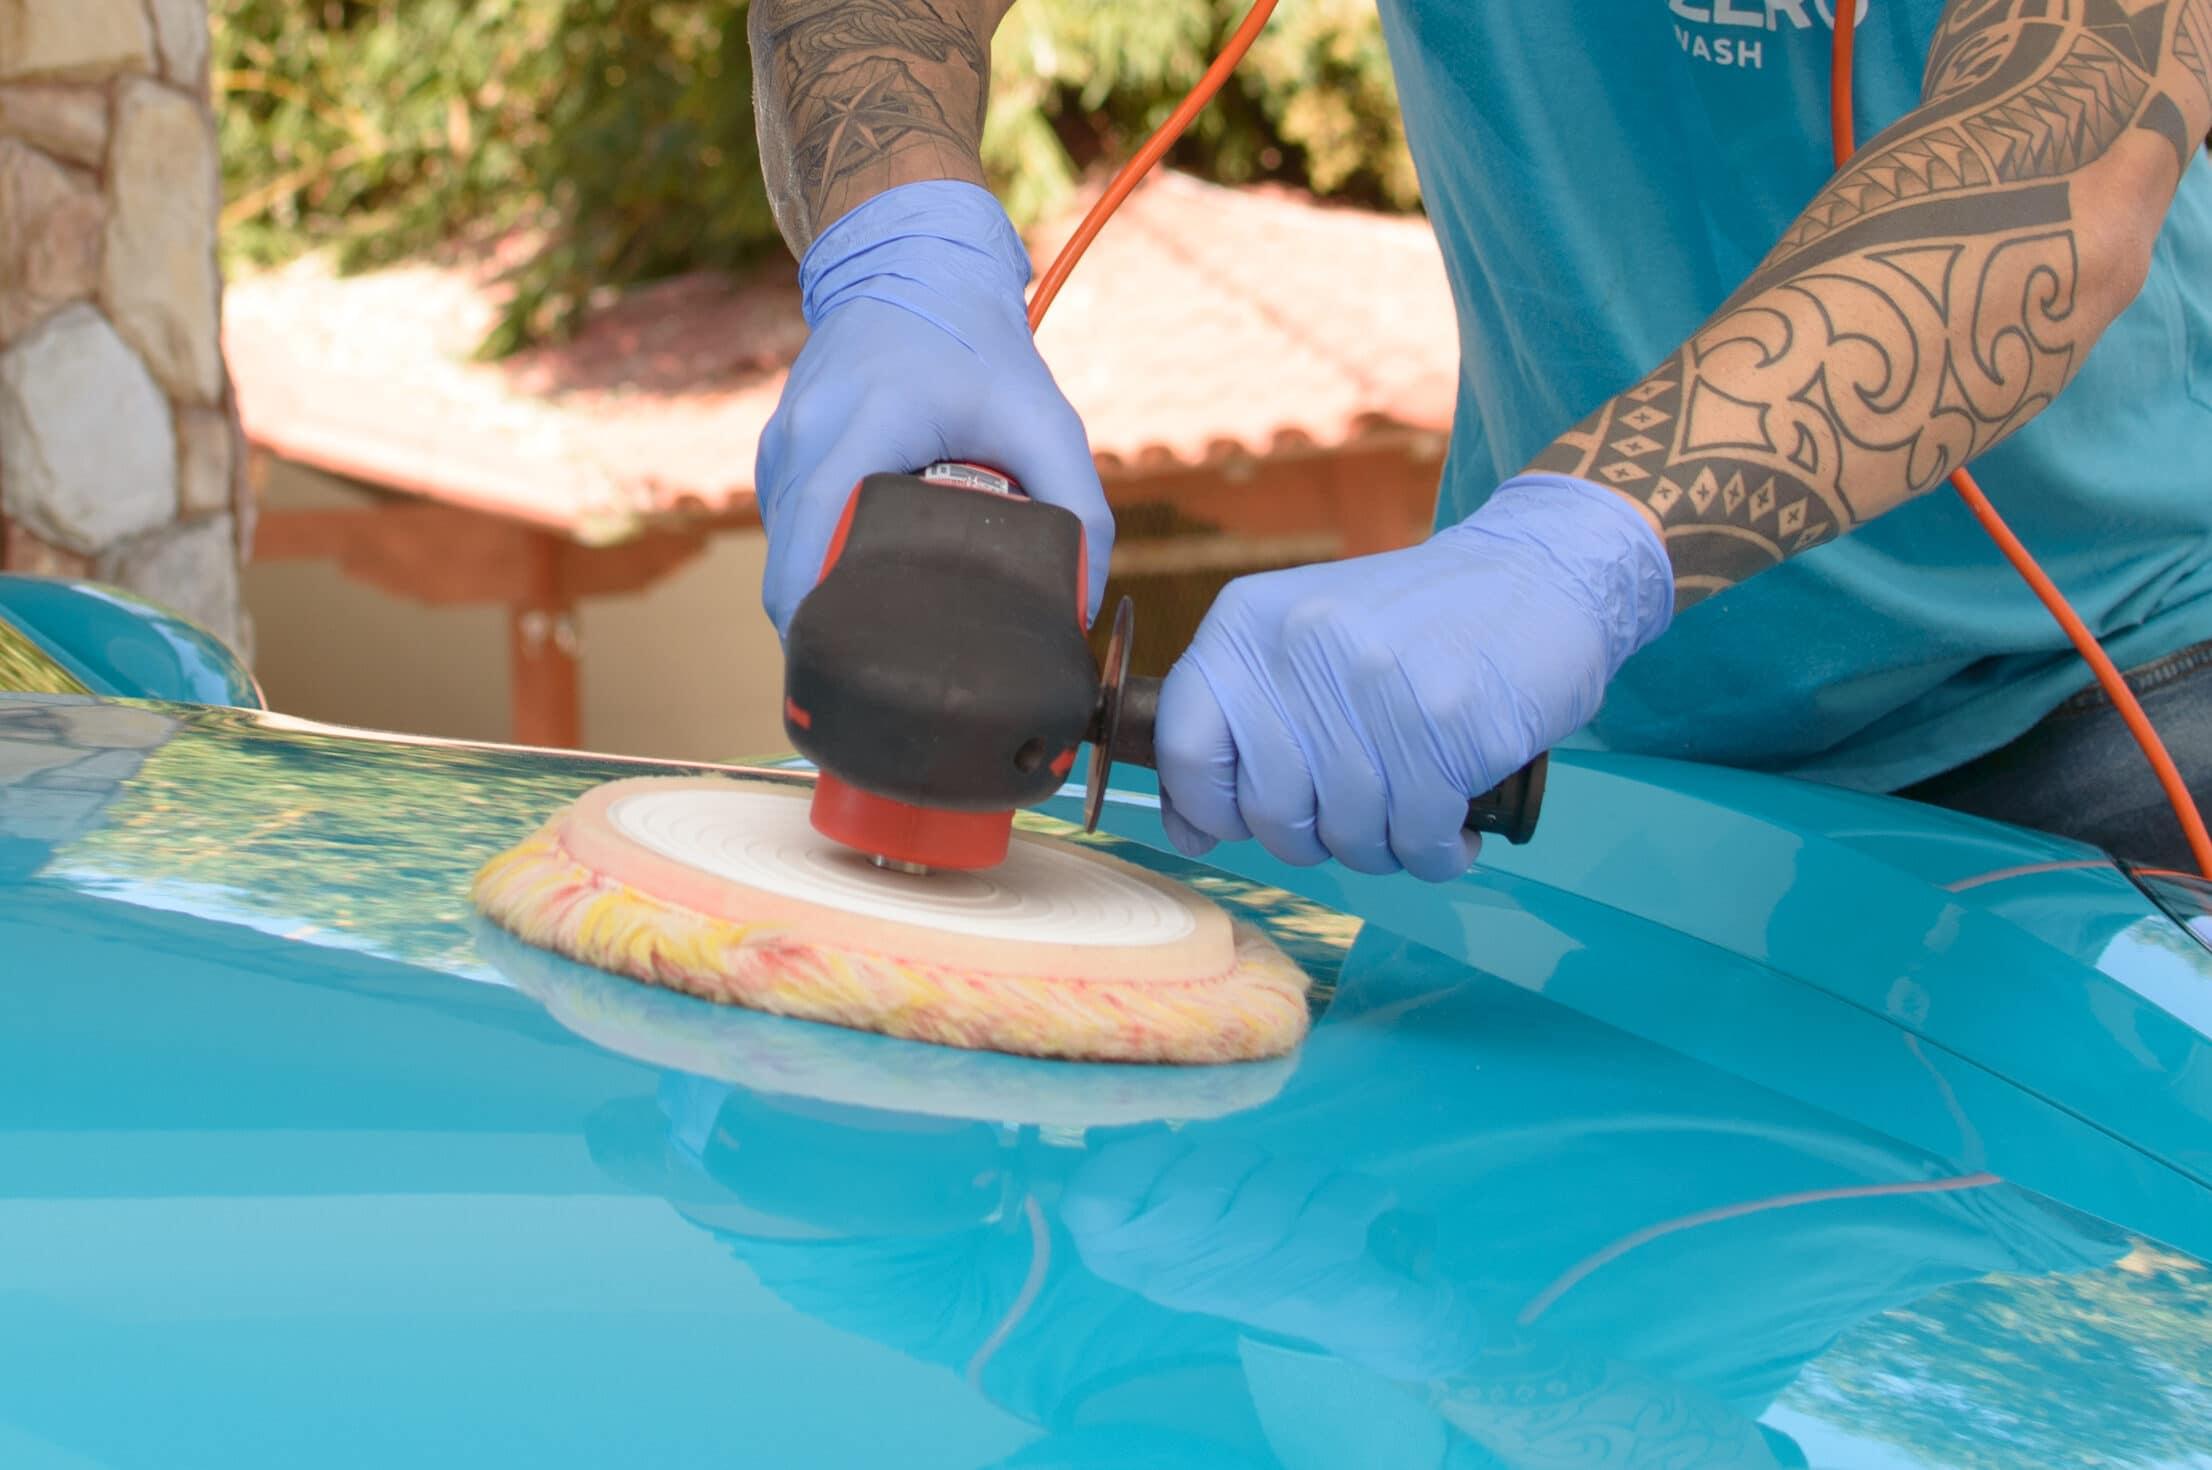 Profissional da Acquazero com o uniforme azul da empresa, segurando uma politriz para fazer o polimento na pintura de um carro azul. Imagem ilustrativa para o texto Polimento automotivo em aracaju.